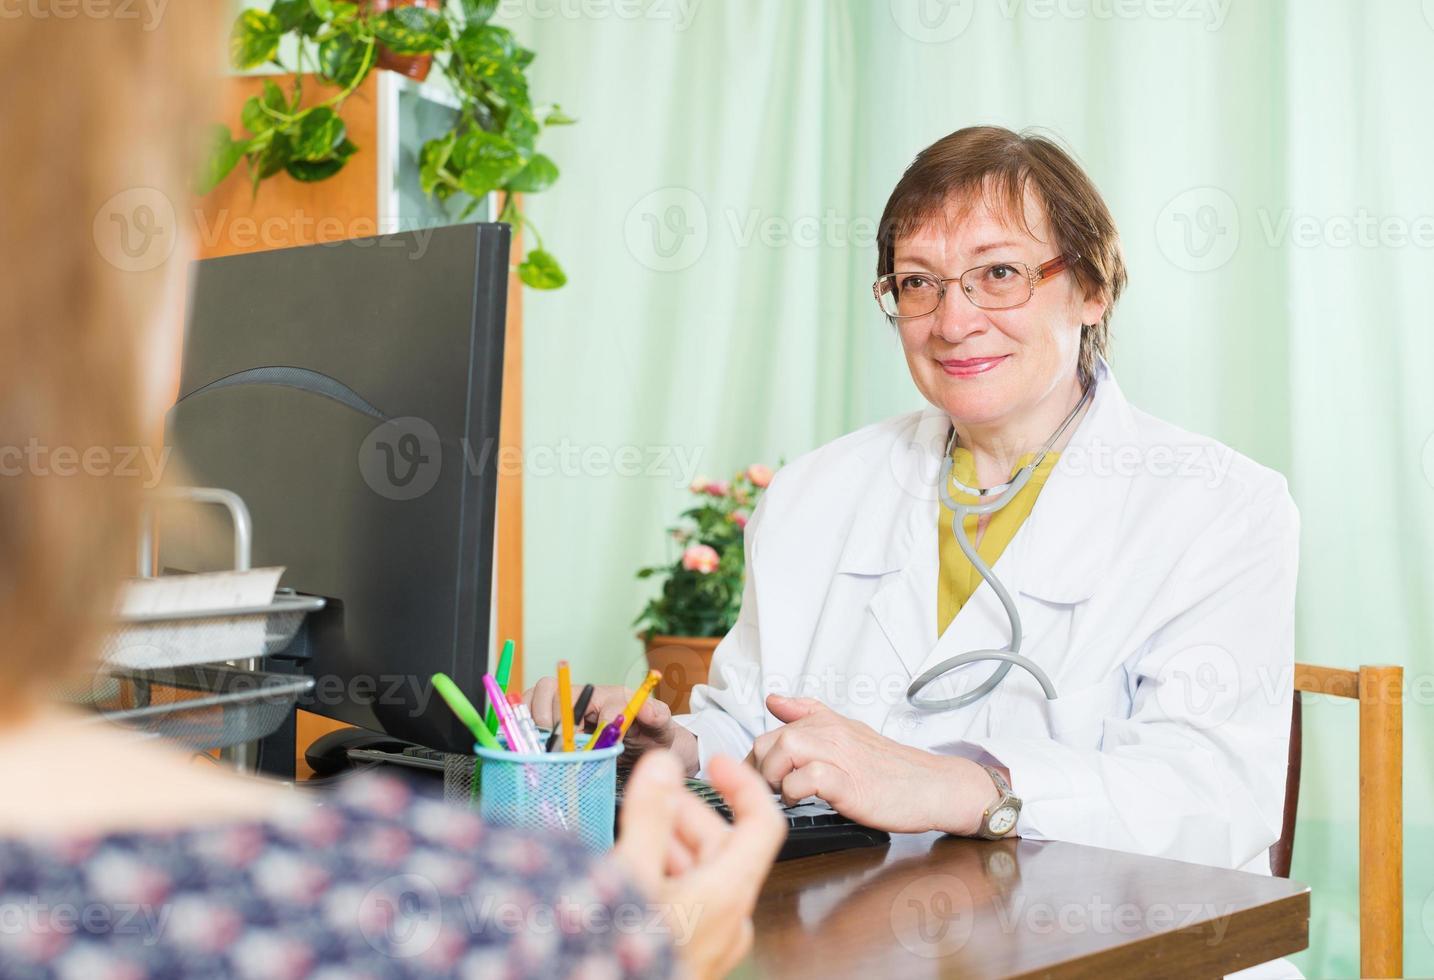 medico che inserisce informazioni sul paziente foto